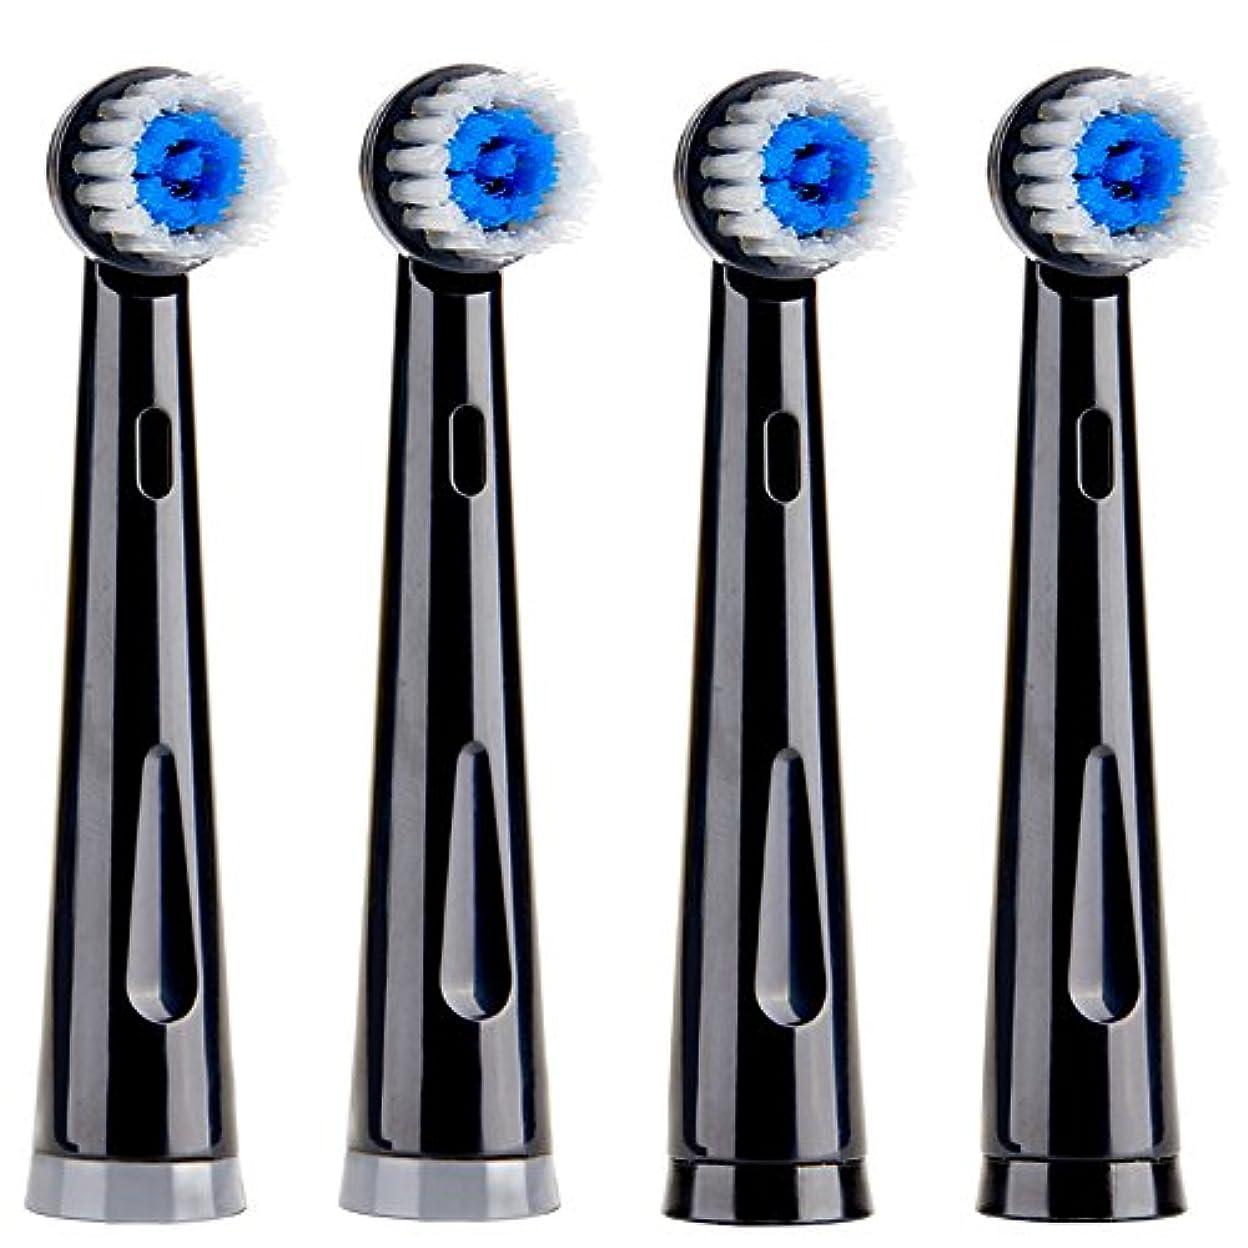 できた溶融純度Fairywill 電動歯ブラシ用 替ブラシ 4本入 互換ブラシ 回転式 RBH31